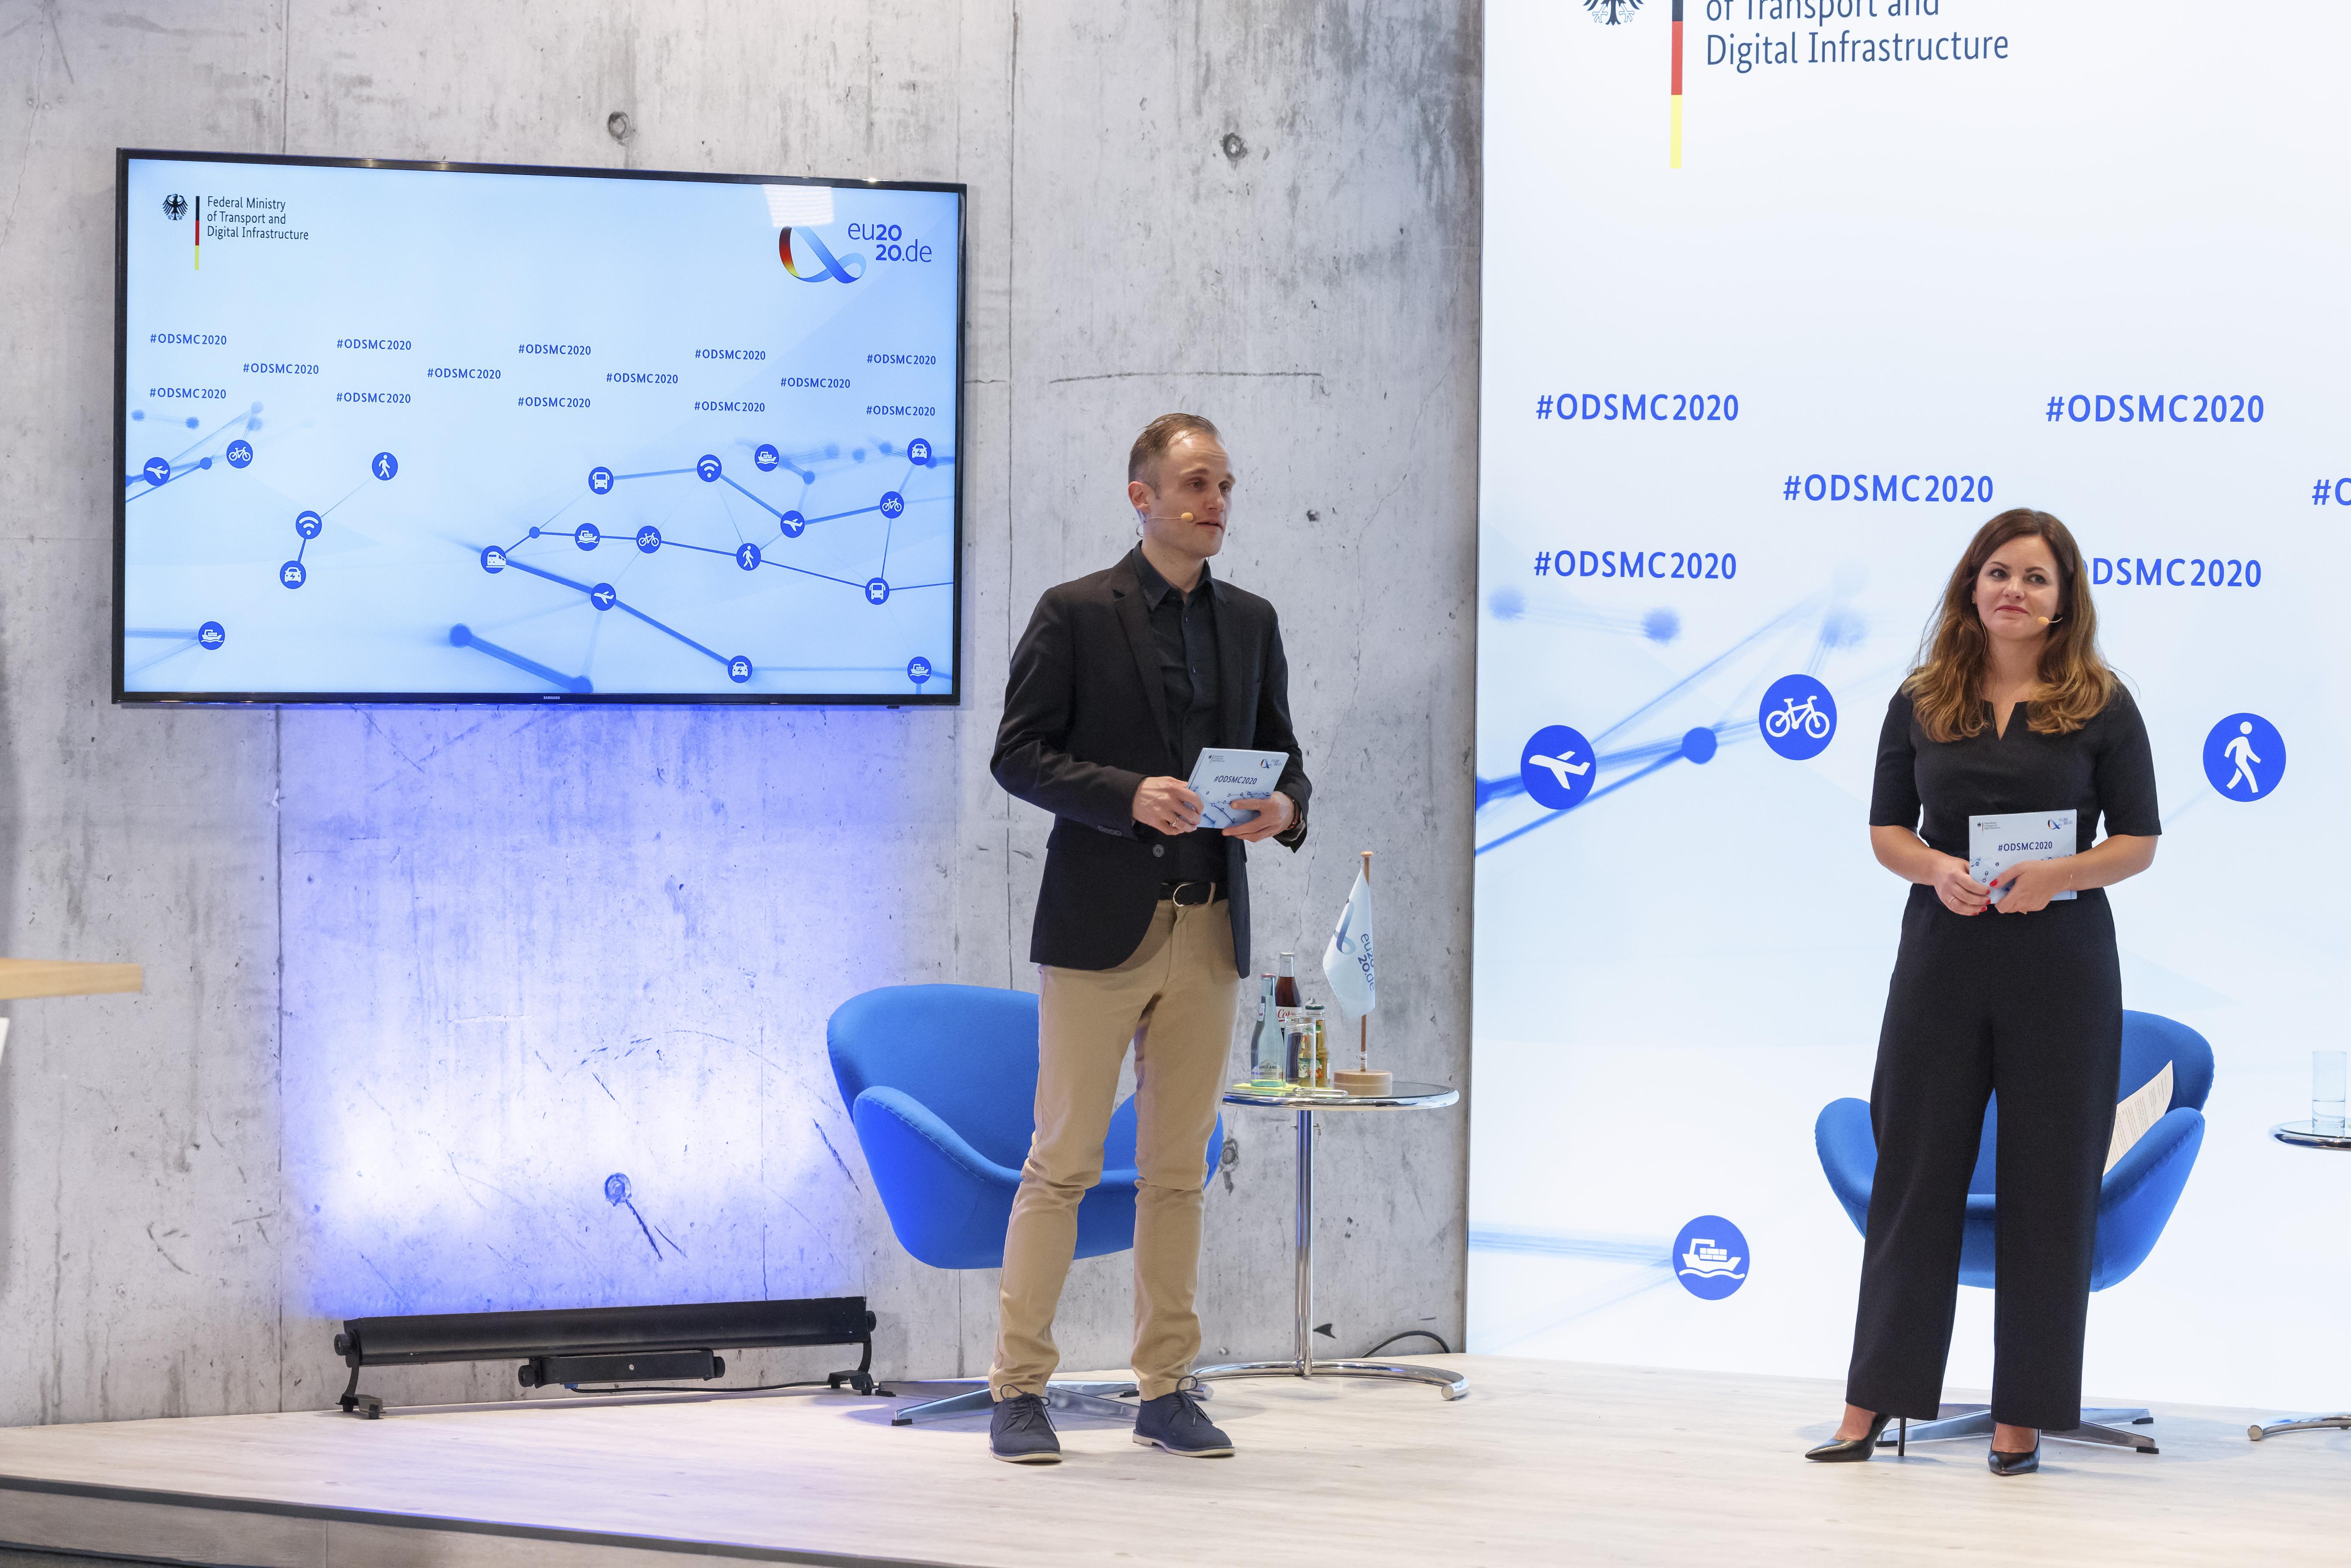 Das ODSMC-Moderationsteam des iRights.Lab, Ludwig Reicherstorfer und Wiebke Glässer